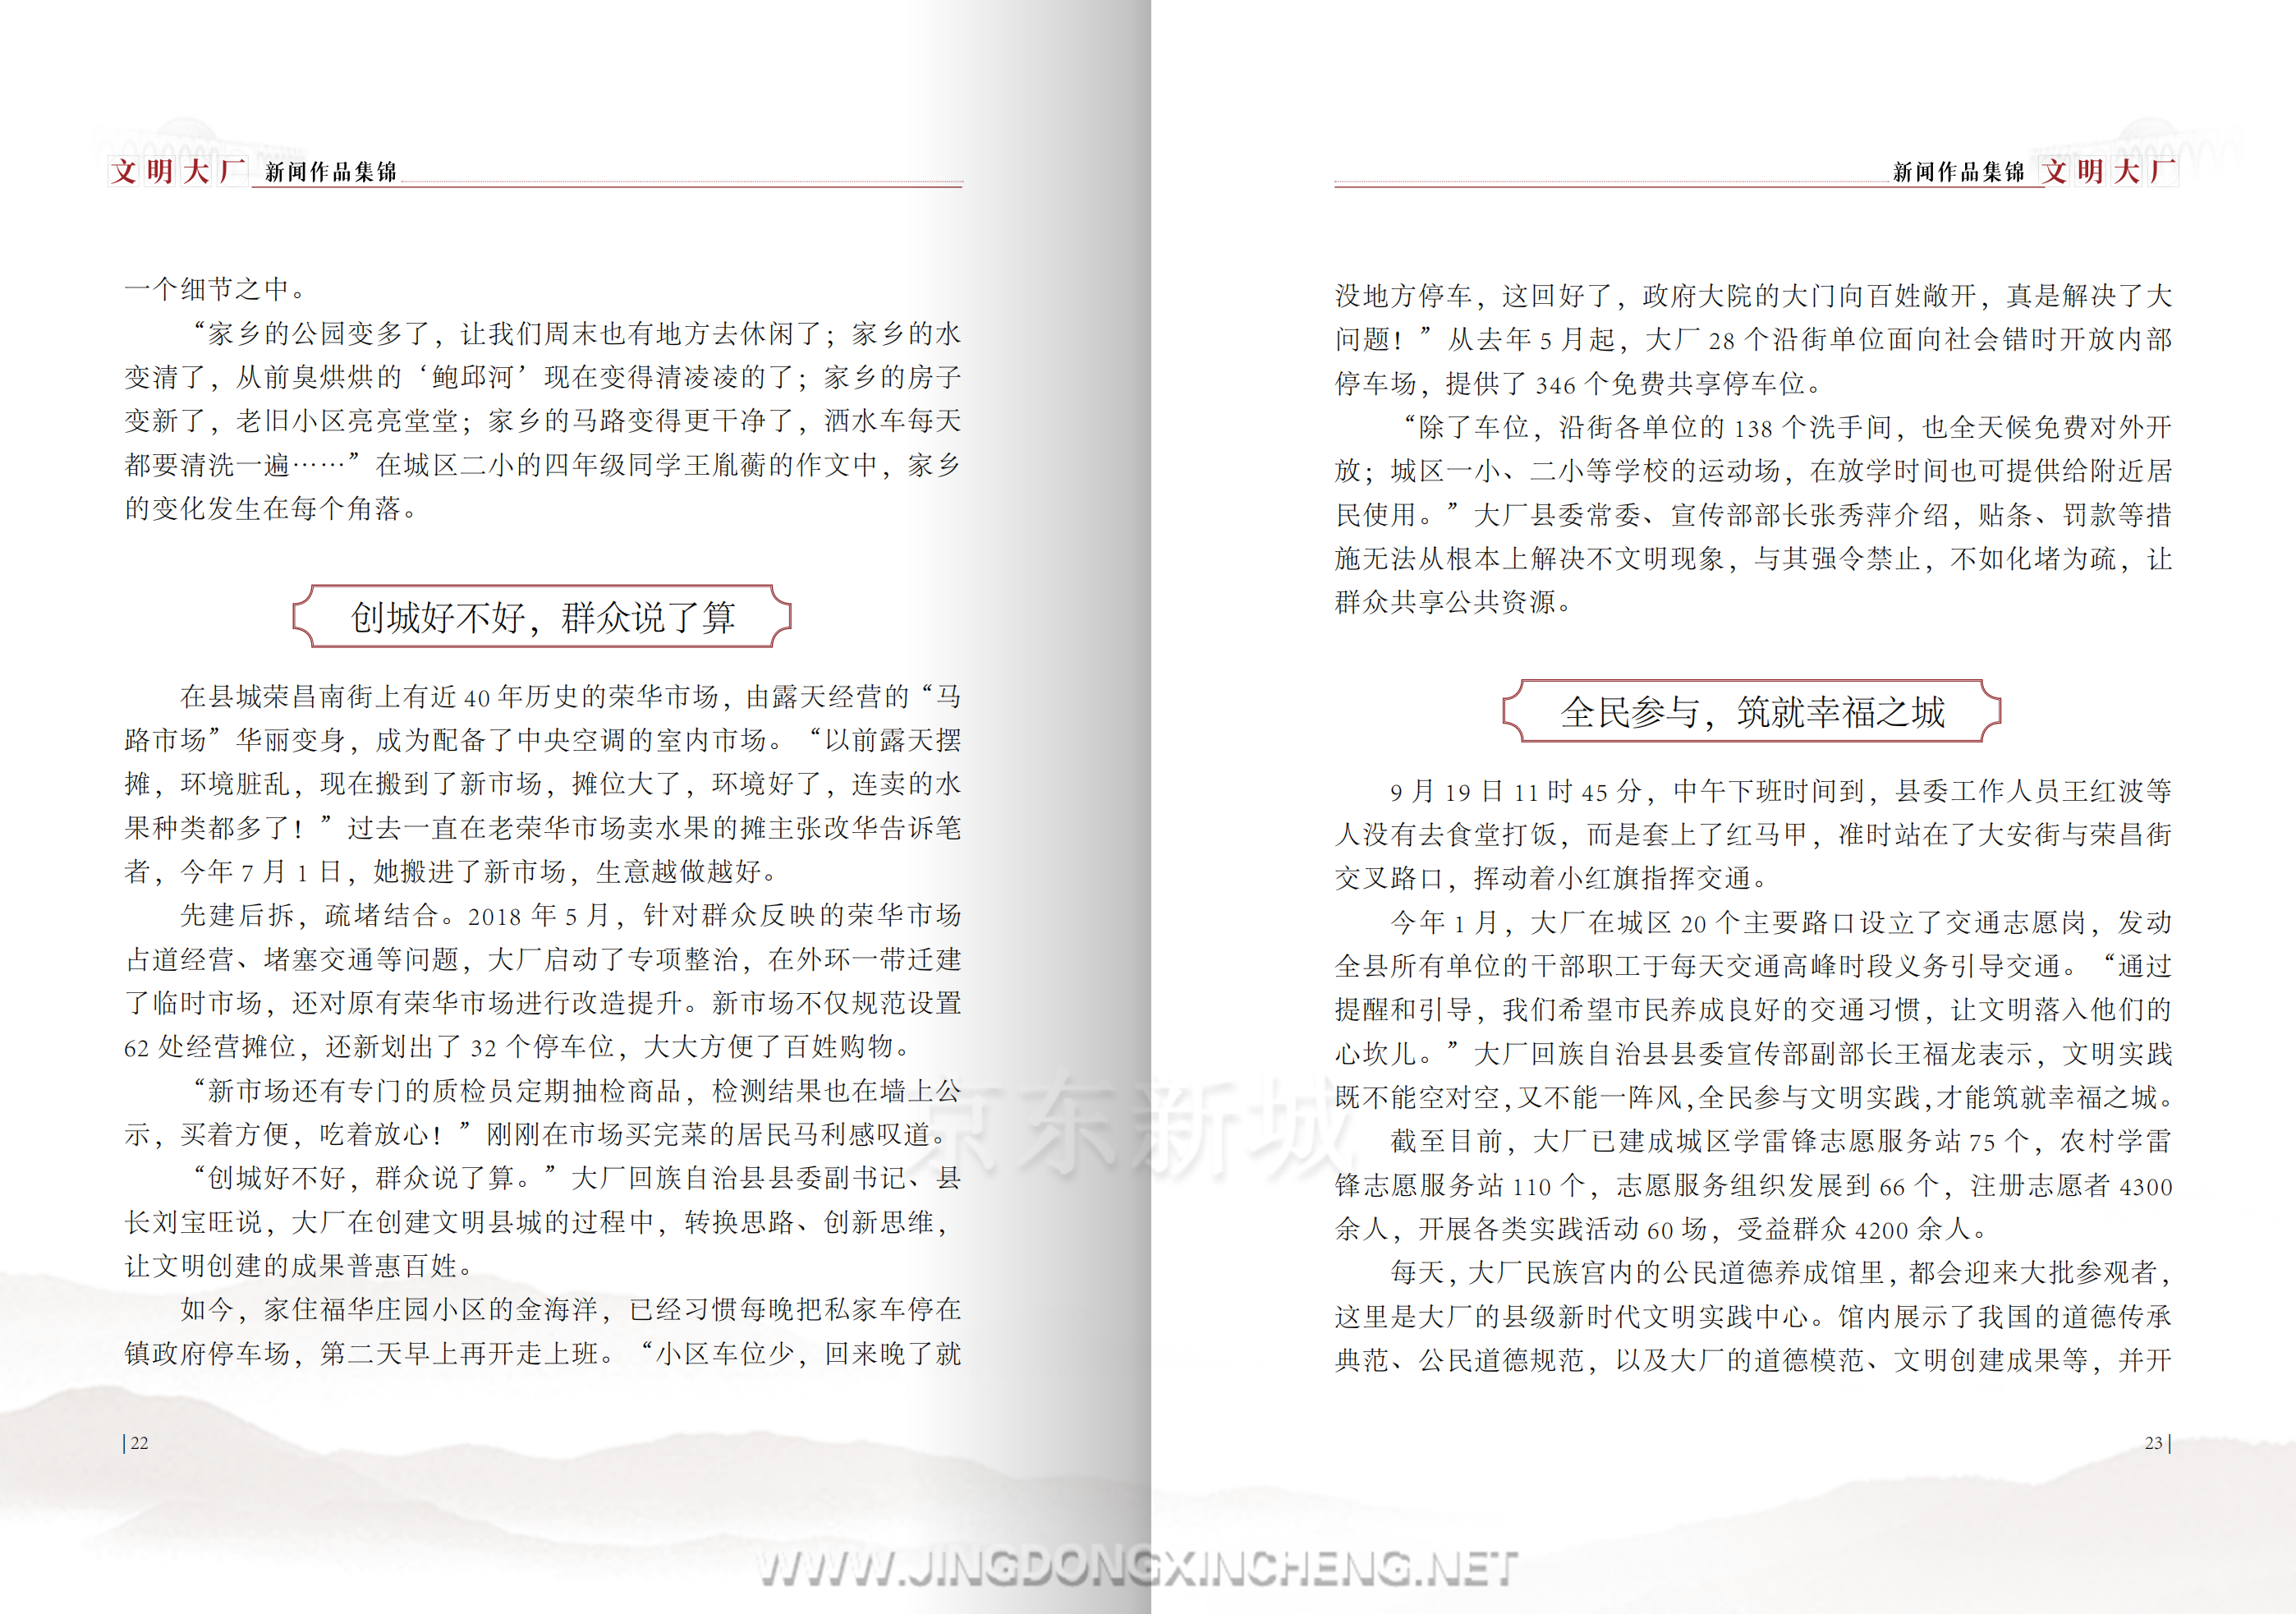 文明大厂书籍-定稿-上传版_15.png